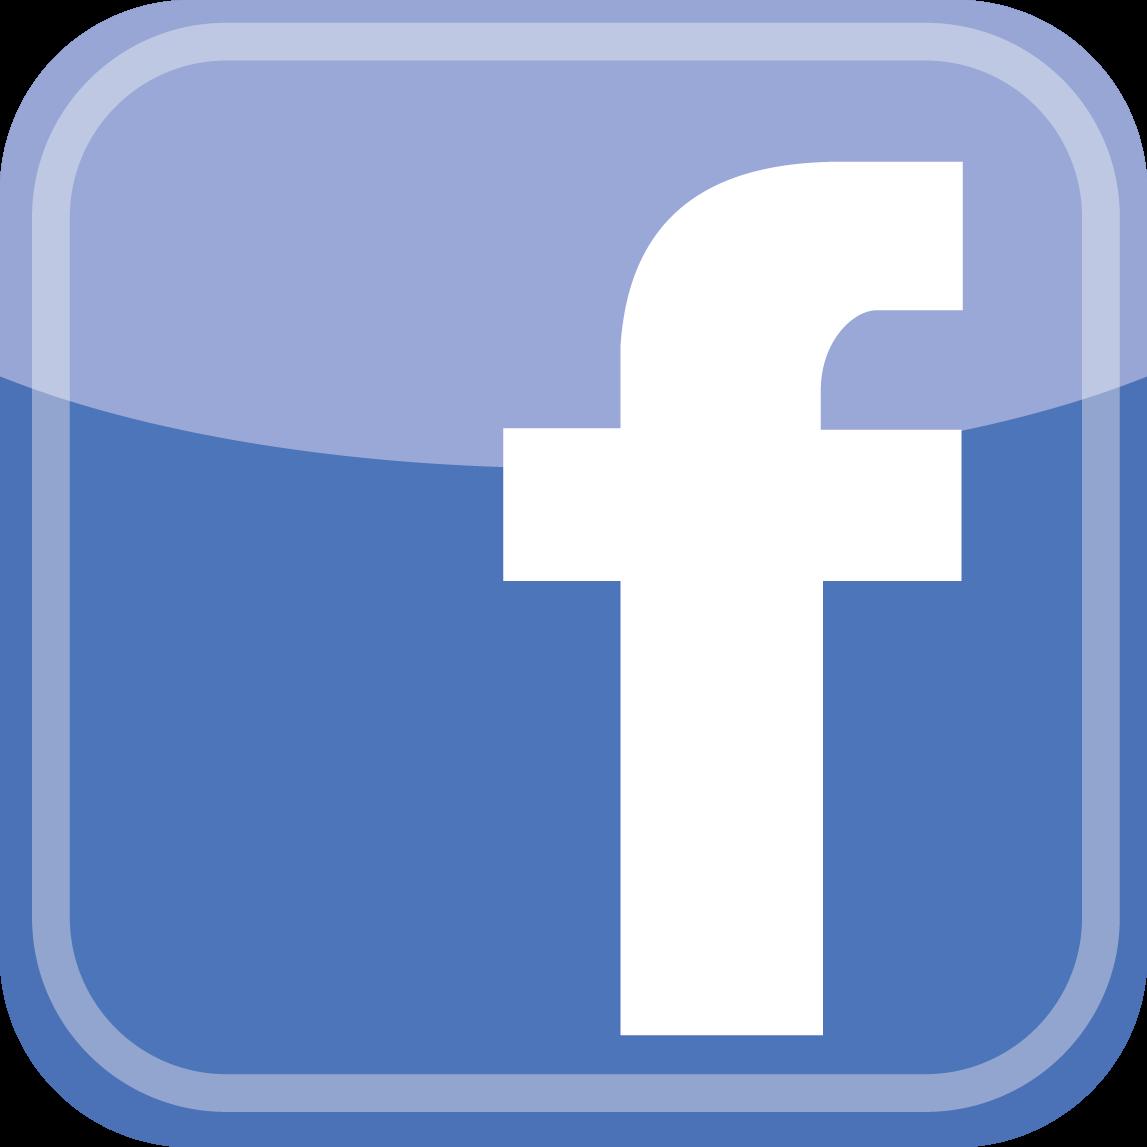 Křehká Figurka na FB